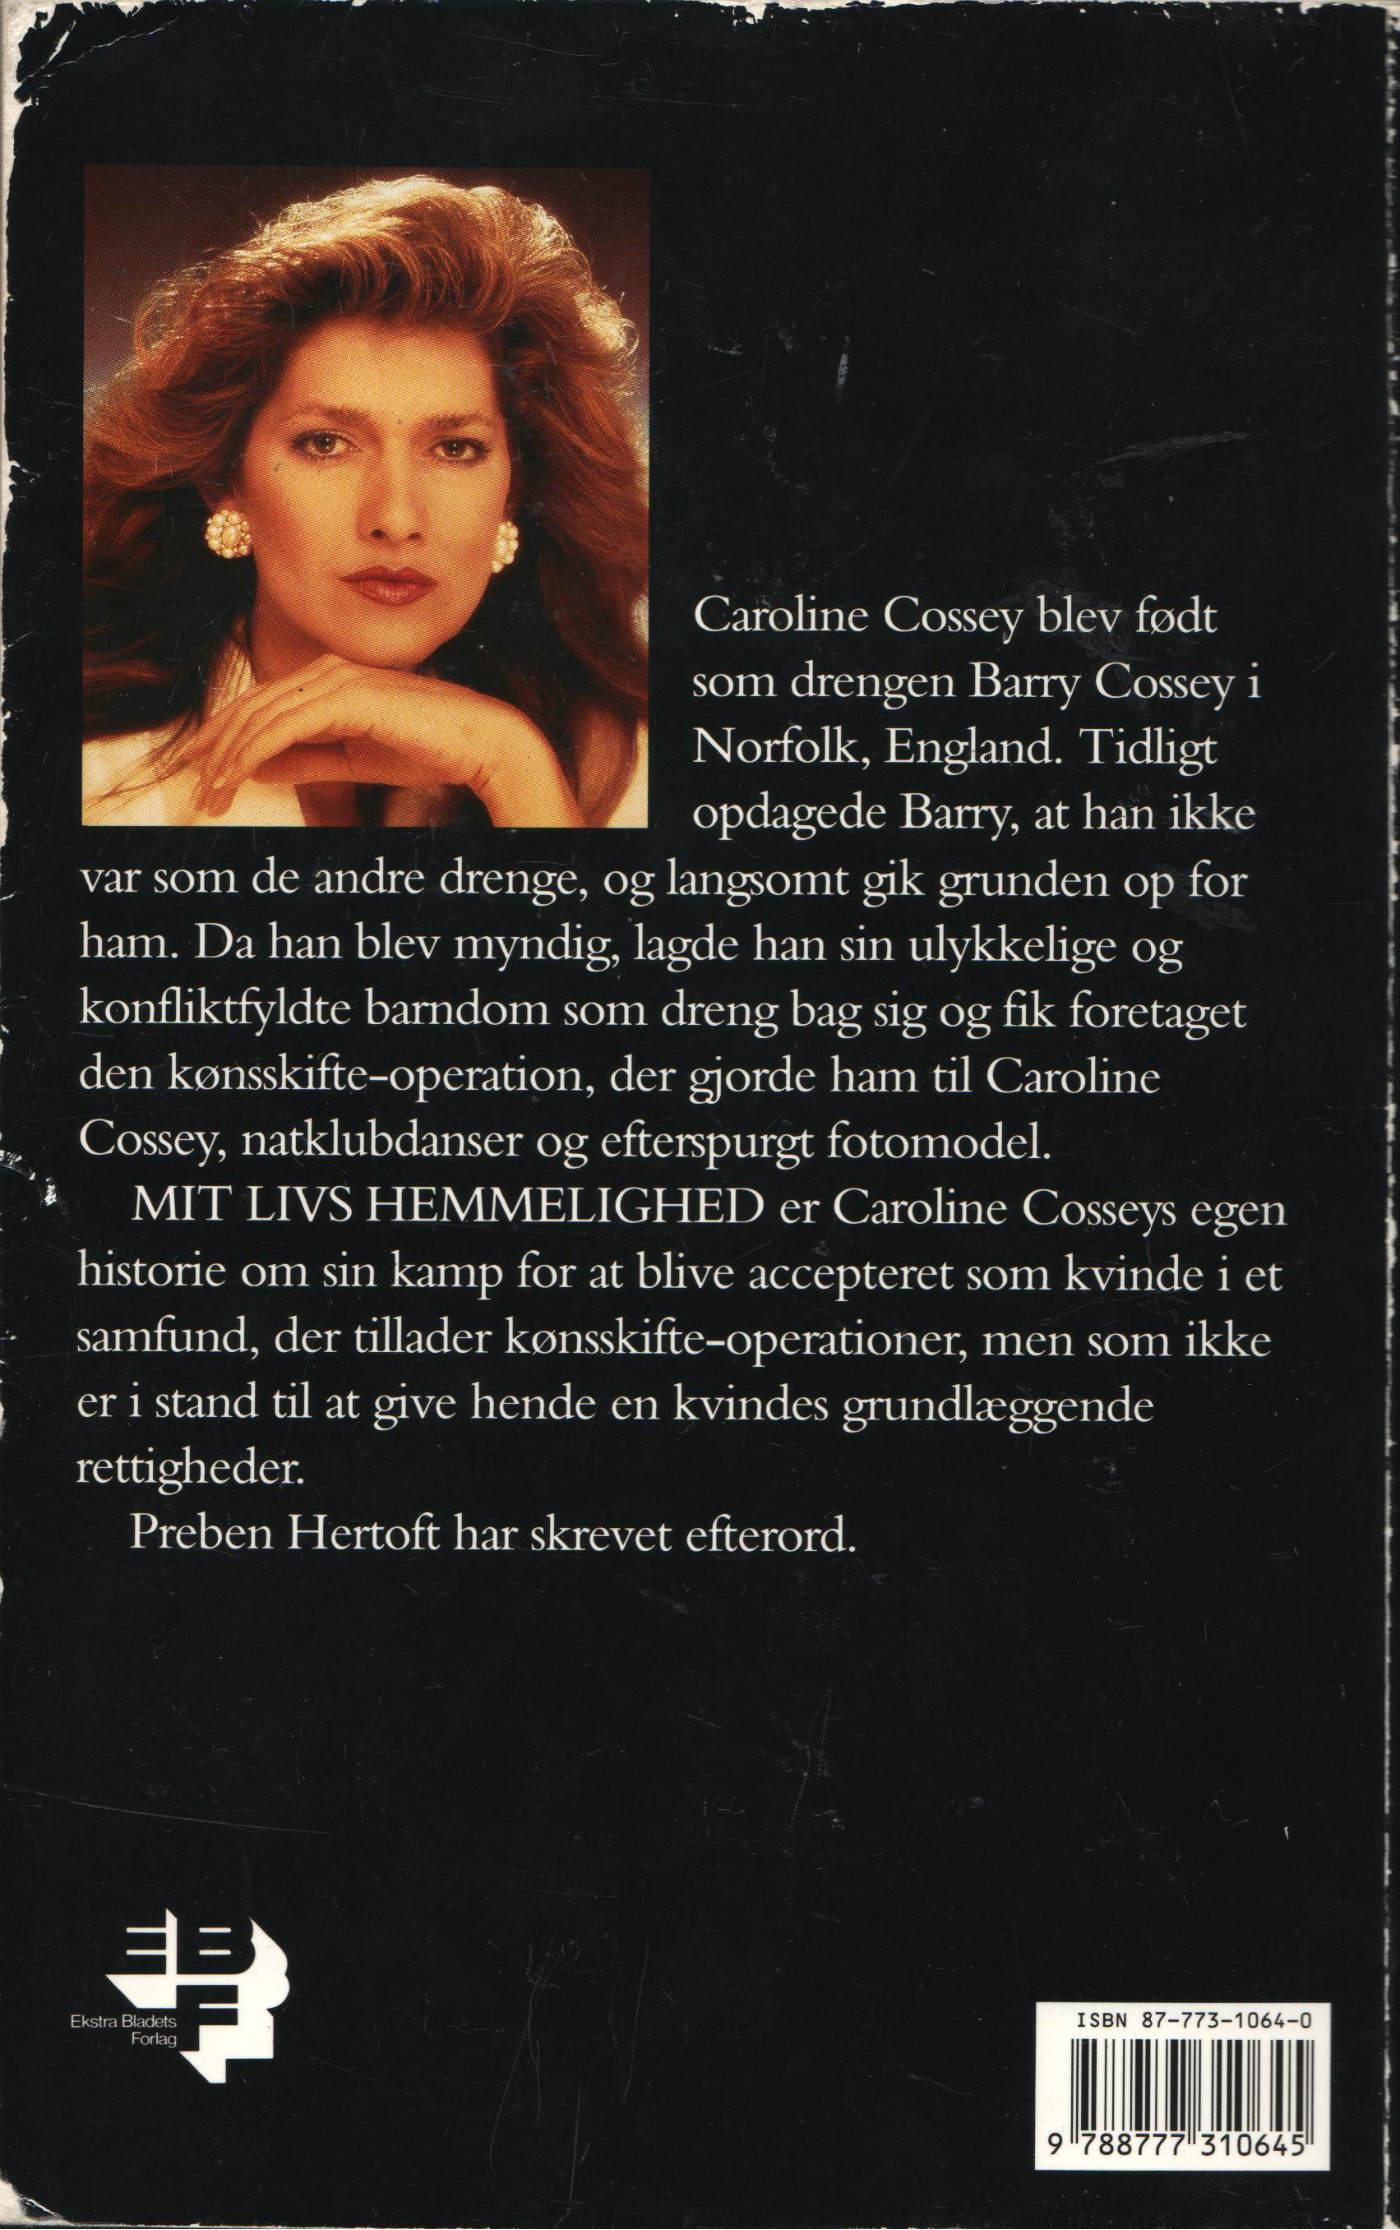 Mit livs hemmelighed (1992) - bagside